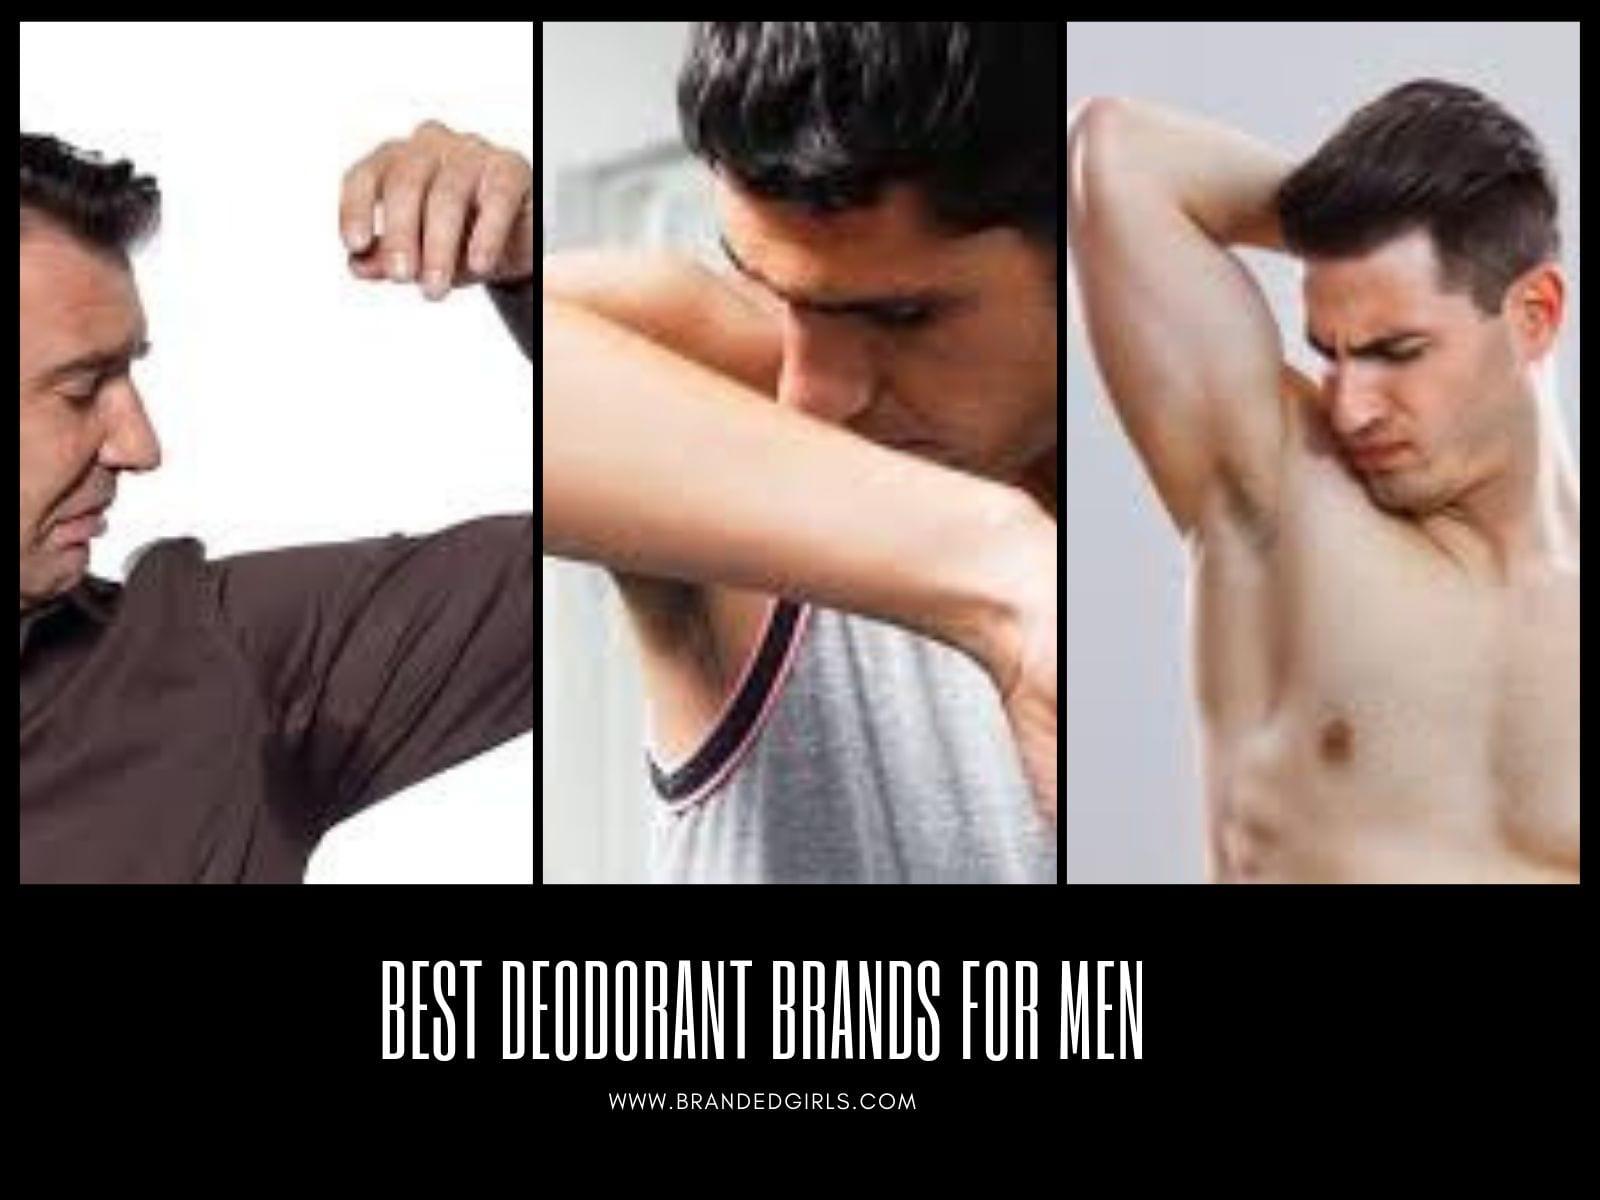 Best-Deodorant-Brands-for-Men Top 10 World Best Deodorants for Men in 2019